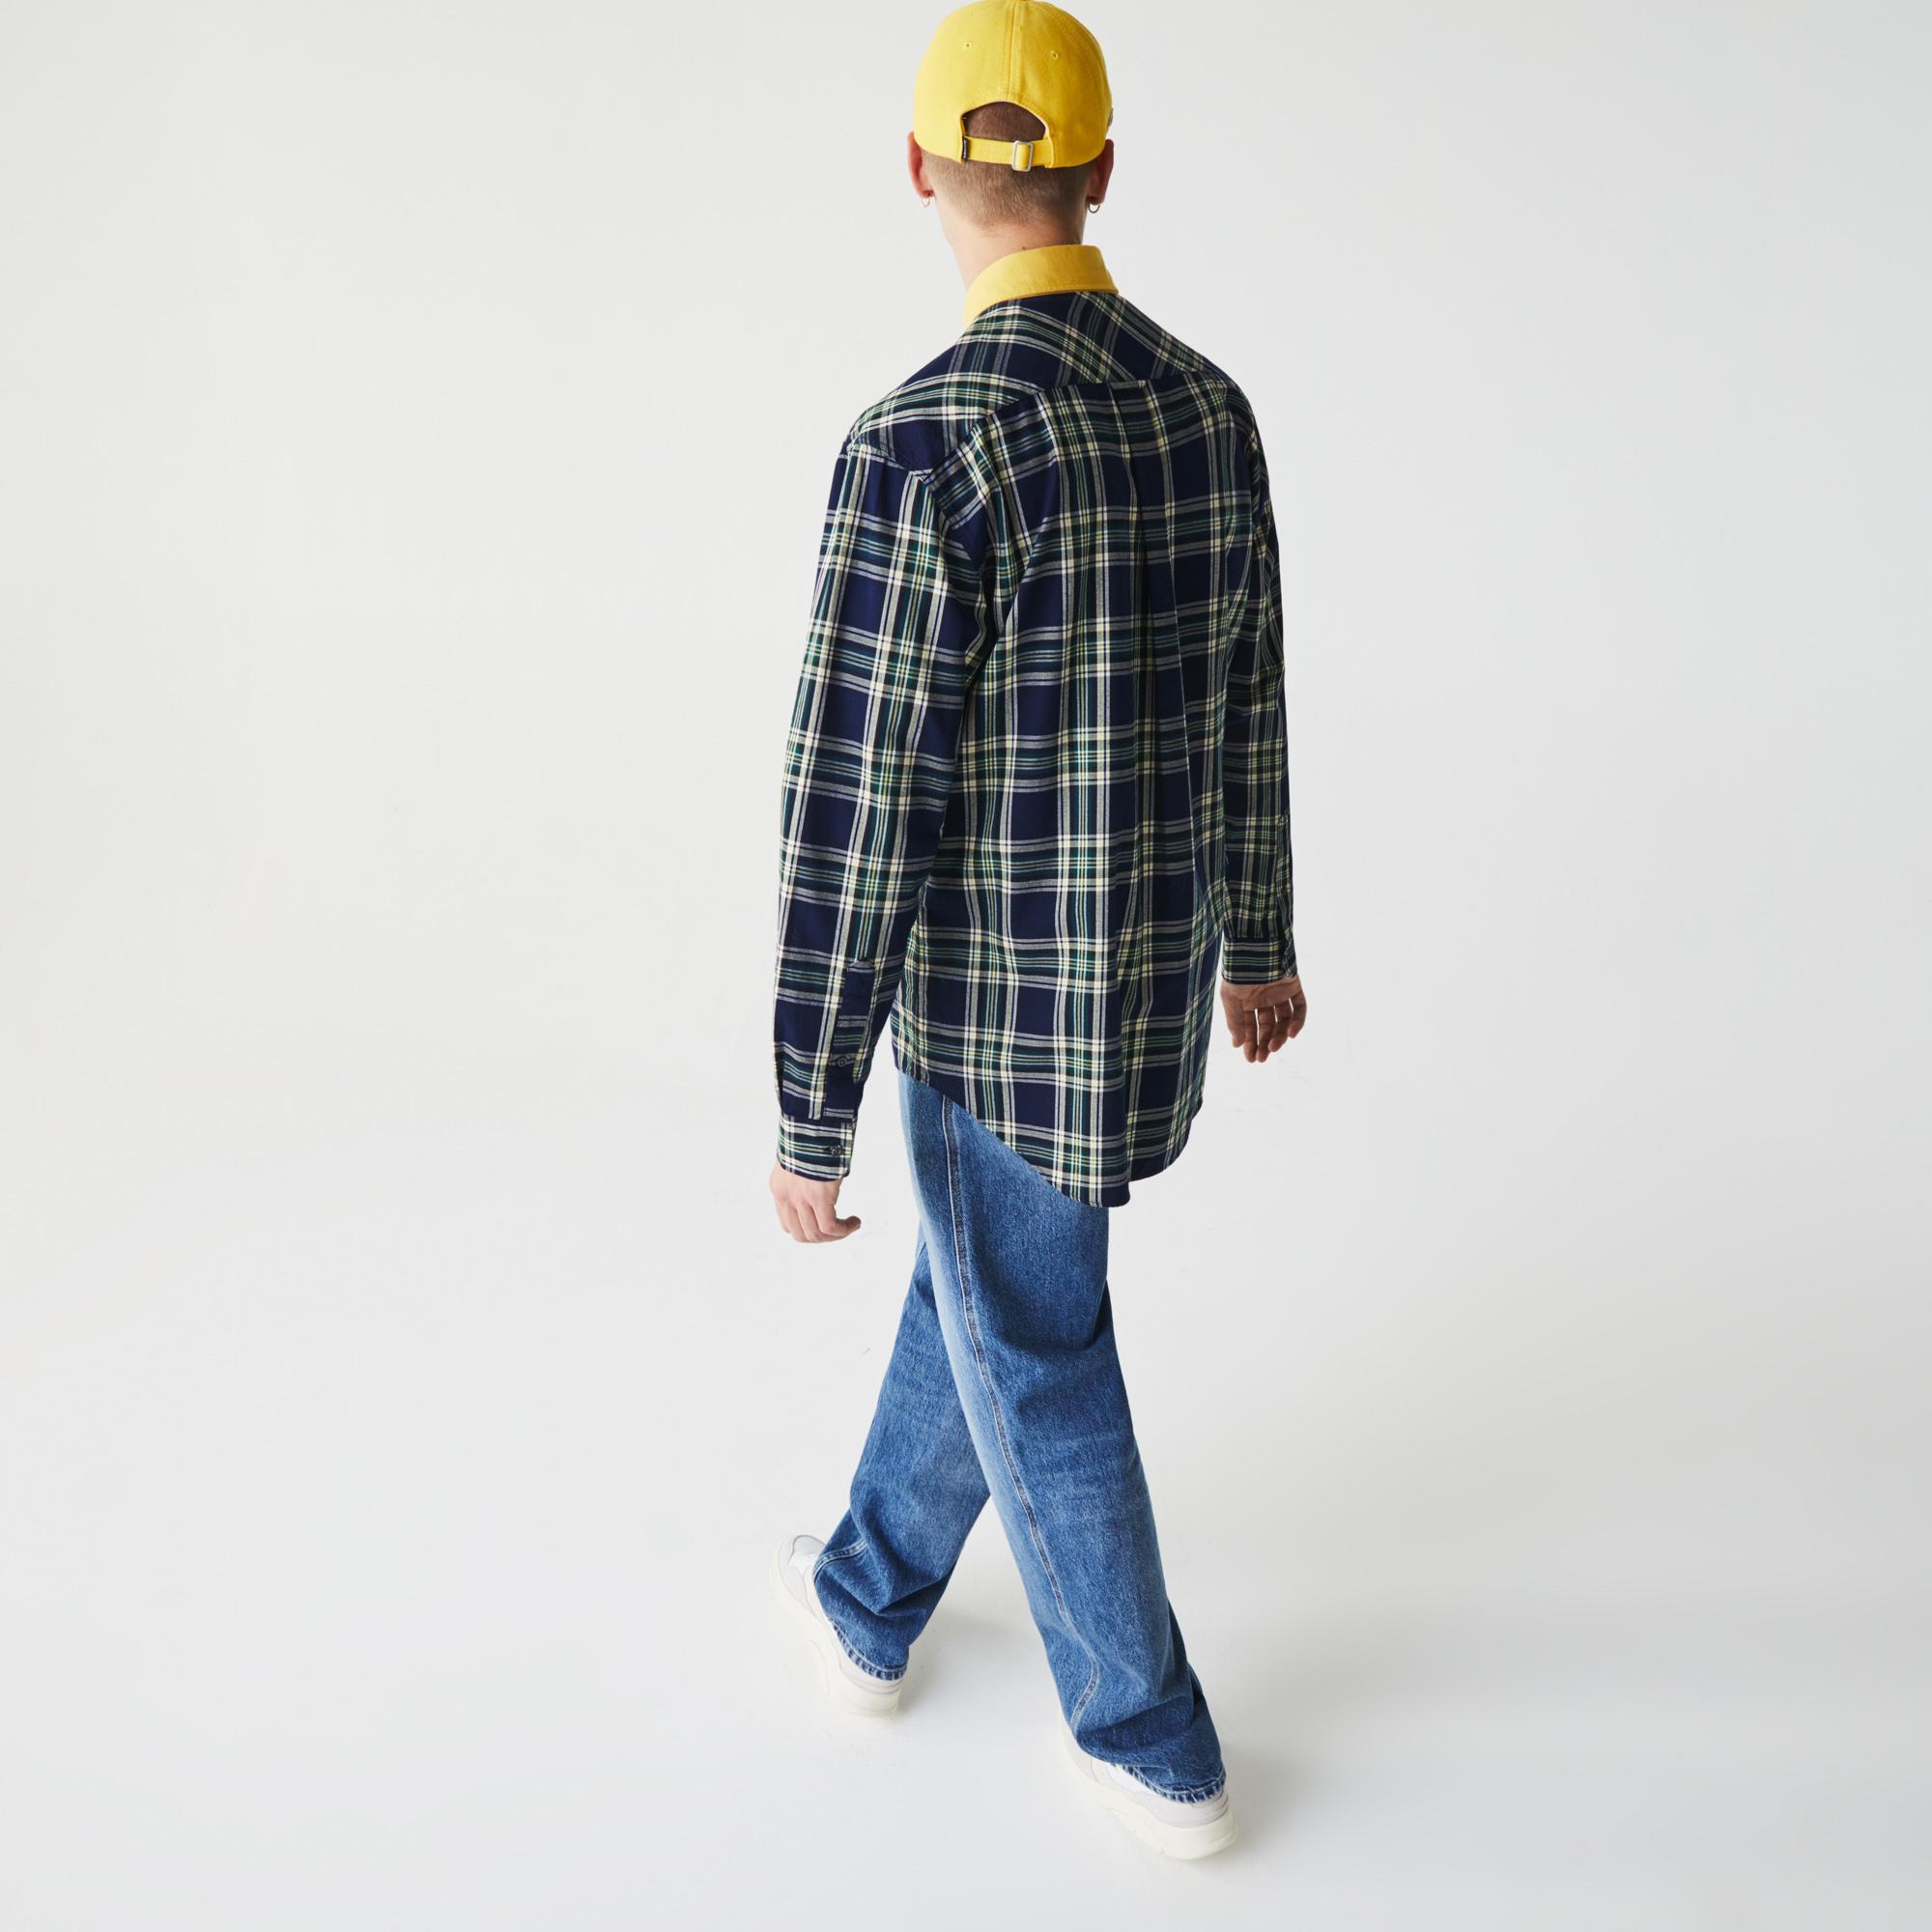 Lacoste L!VE Unisex Boxy Fit Check Cotton Shirt